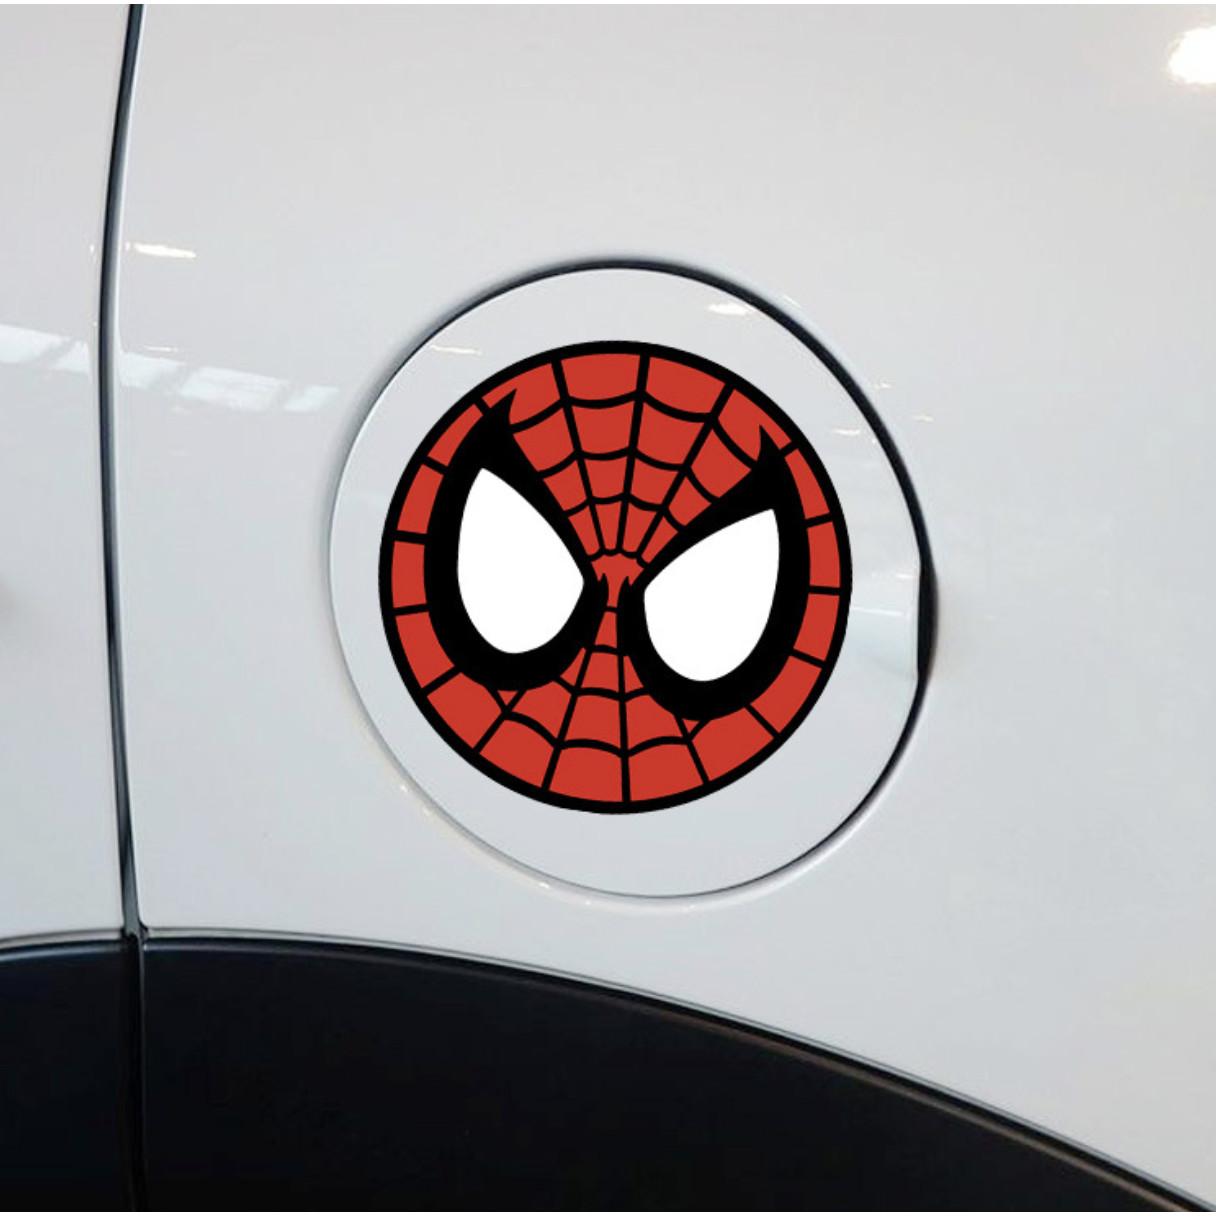 NGƯỜI NHỆN TRÒN - Sticker transfer hình dán trang trí Xe hơi Ô tô size 11cm